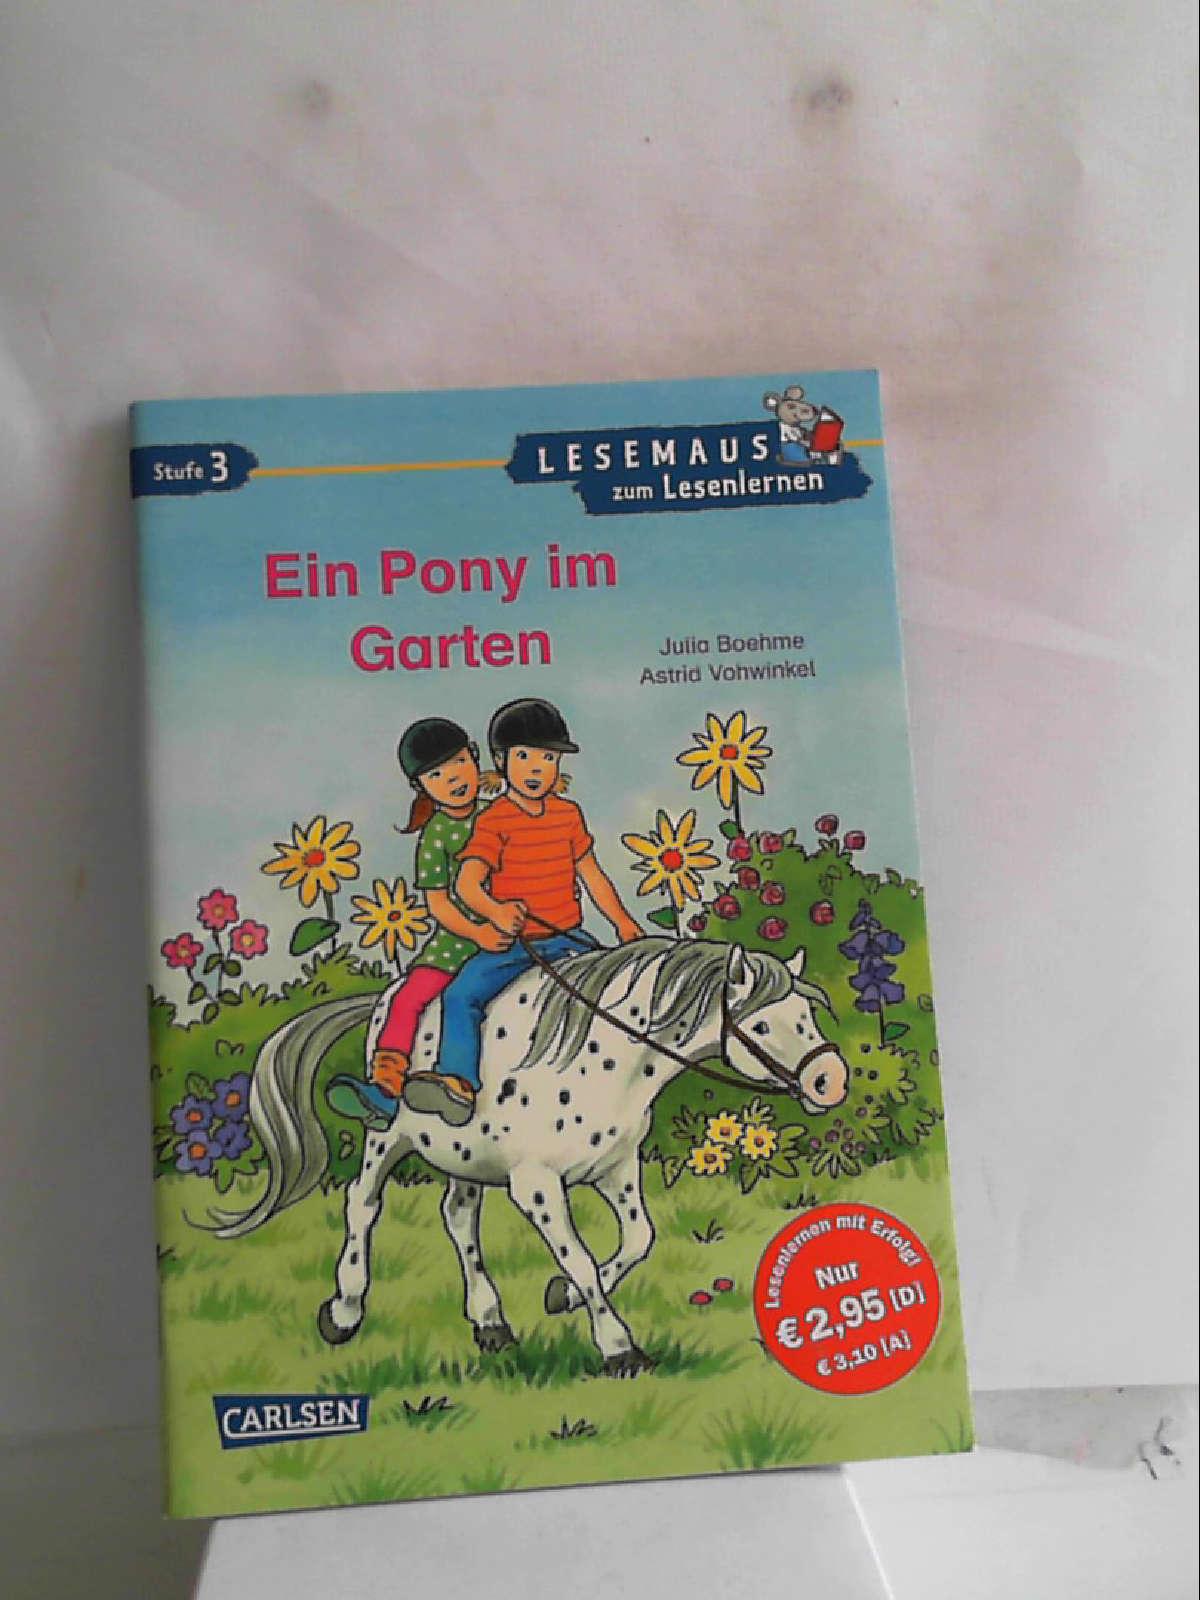 LESEMAUS zum Lesenlernen Stufe 3: Ein Pony im Garten: überarbeitete Neuausgabe